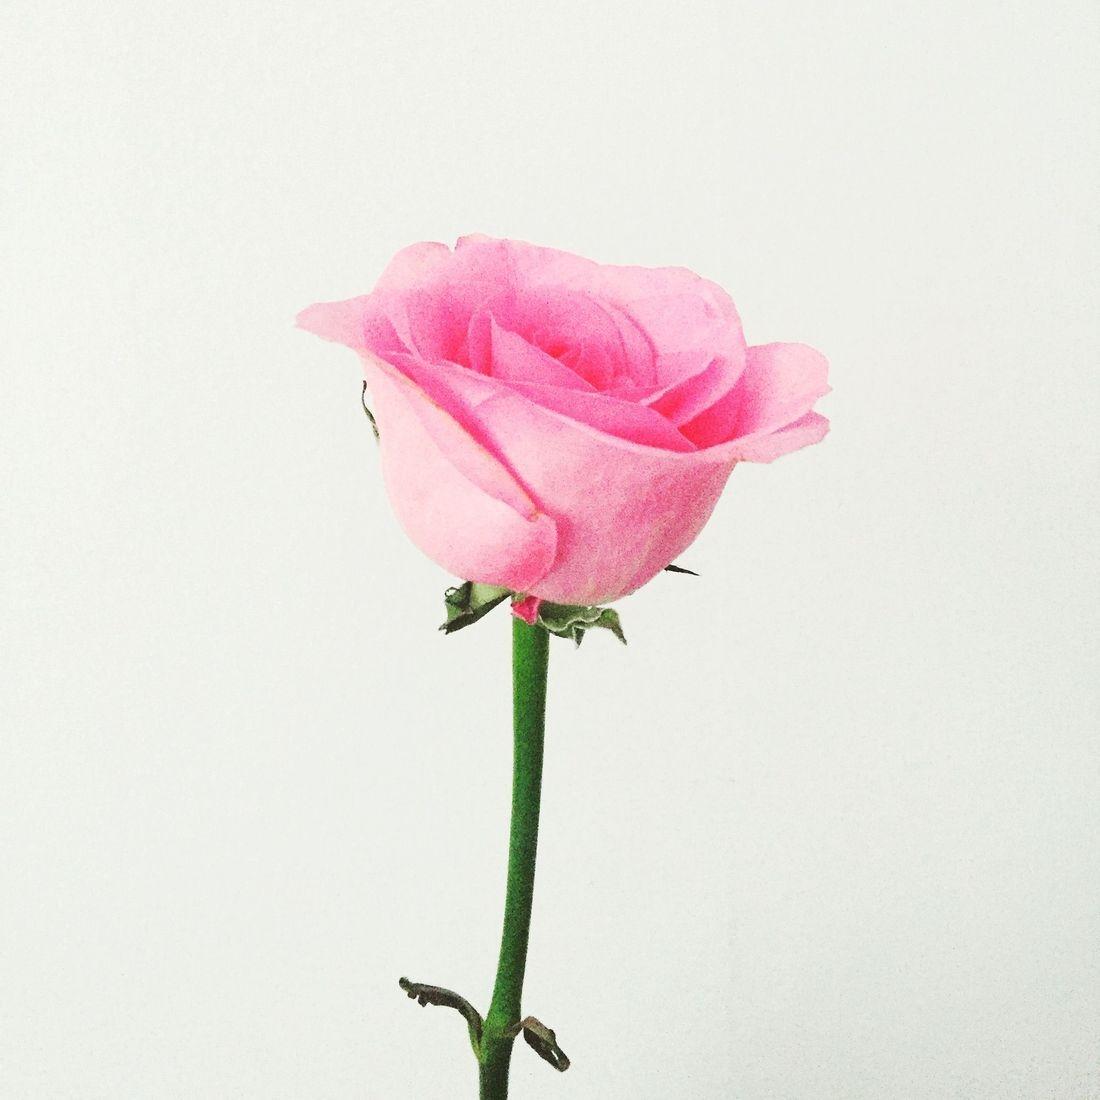 Rose Water Uses, Bulgarian Rose Water, RosePost Blog, Rose Skincare, Rose Beauty, Rose-infused beauty, RosePost Winter Box